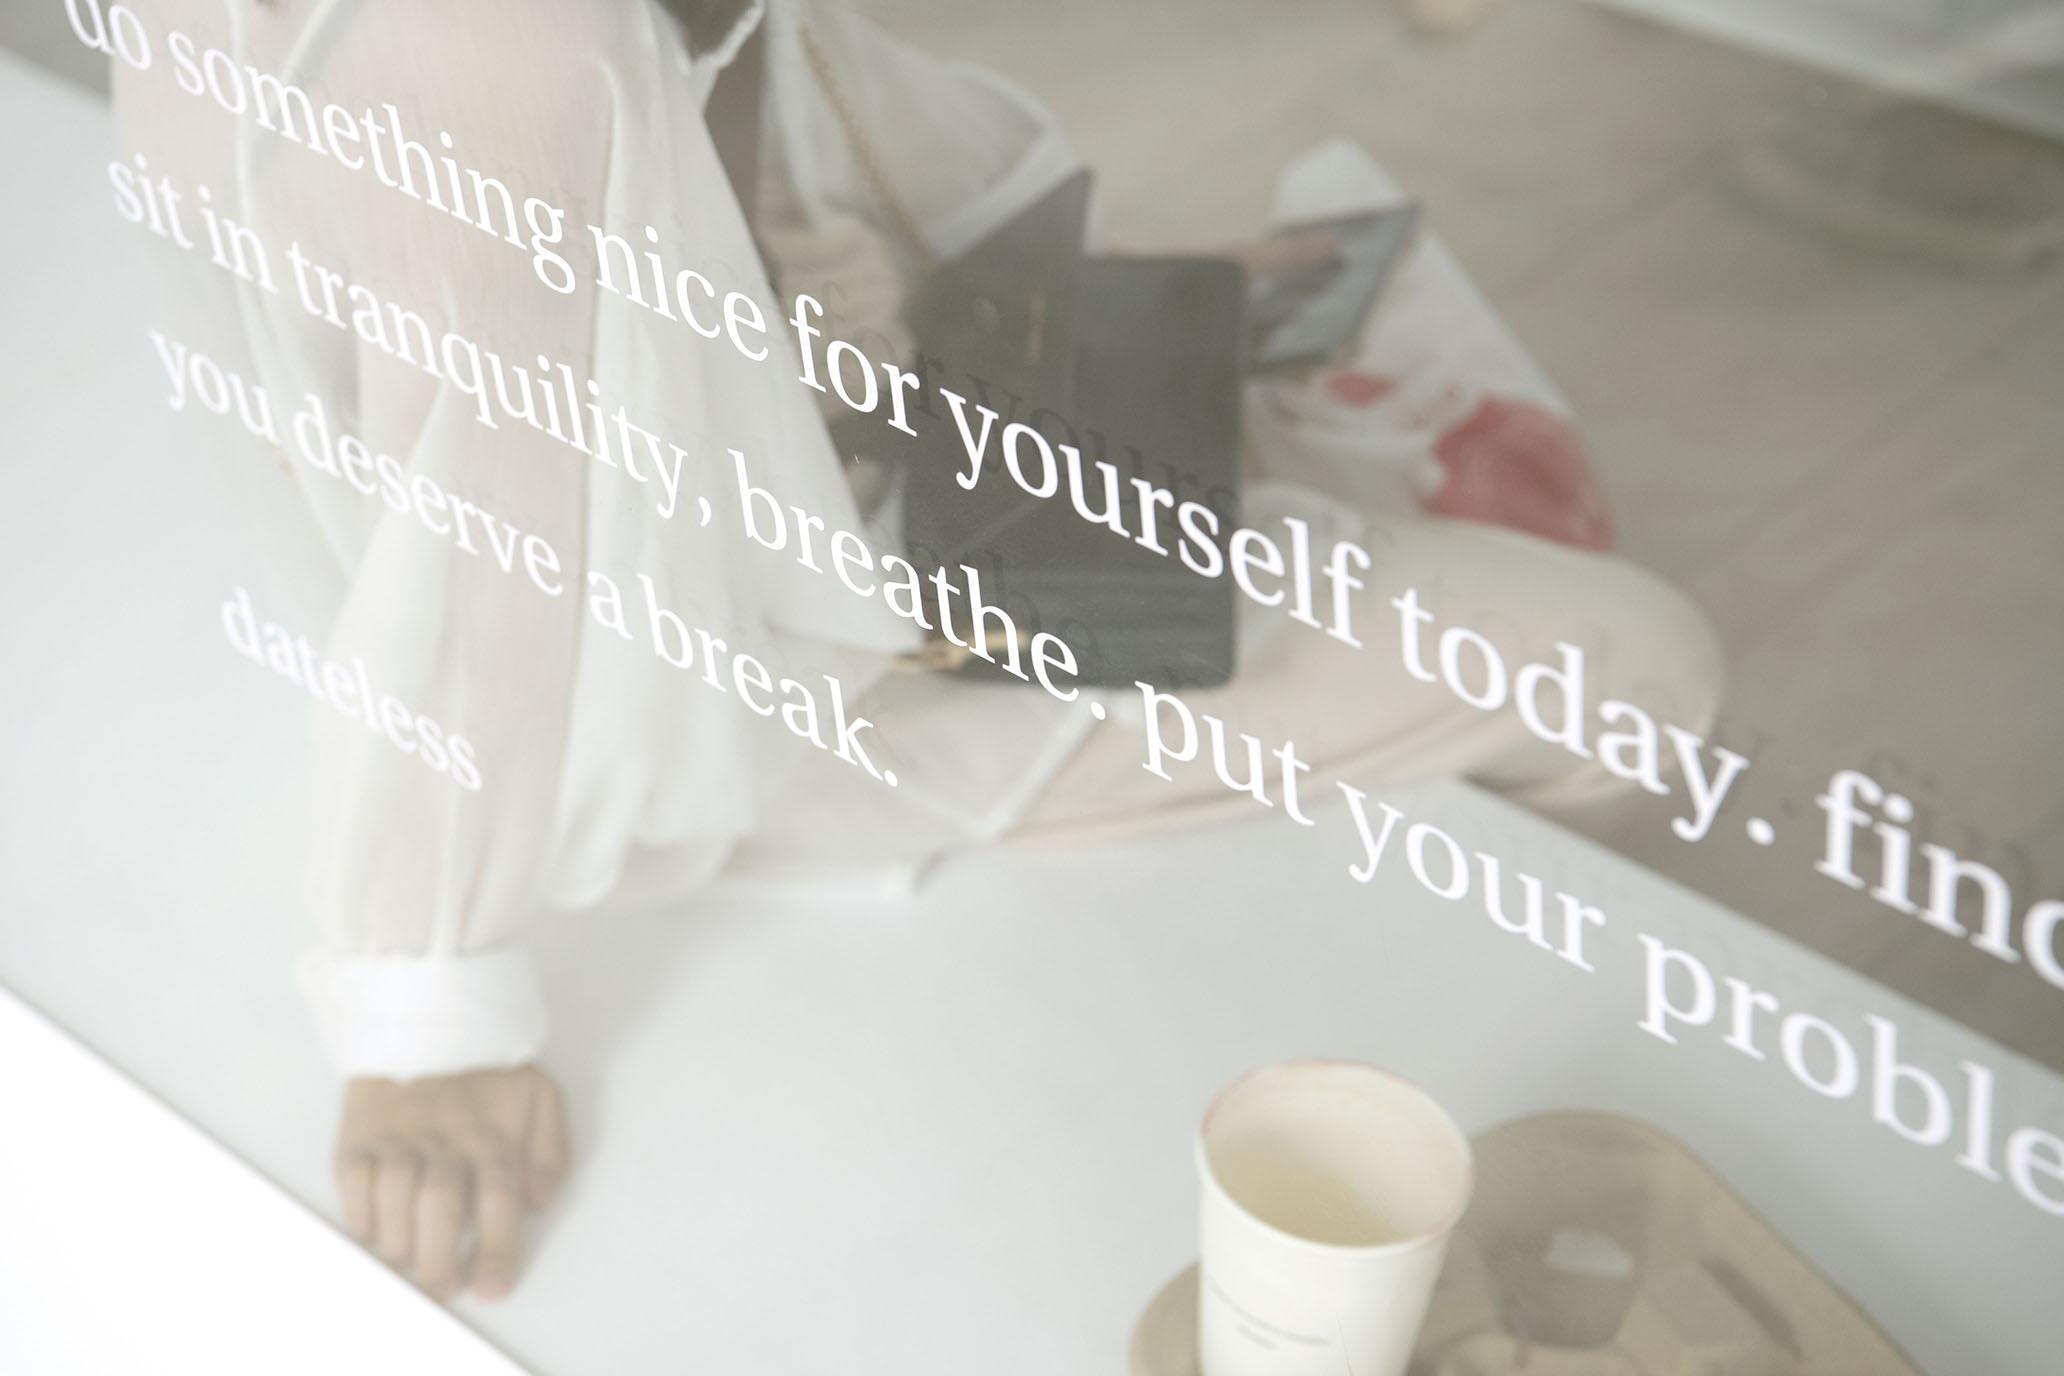 台北 Dateless 的白,是沈浸在咖啡裡。